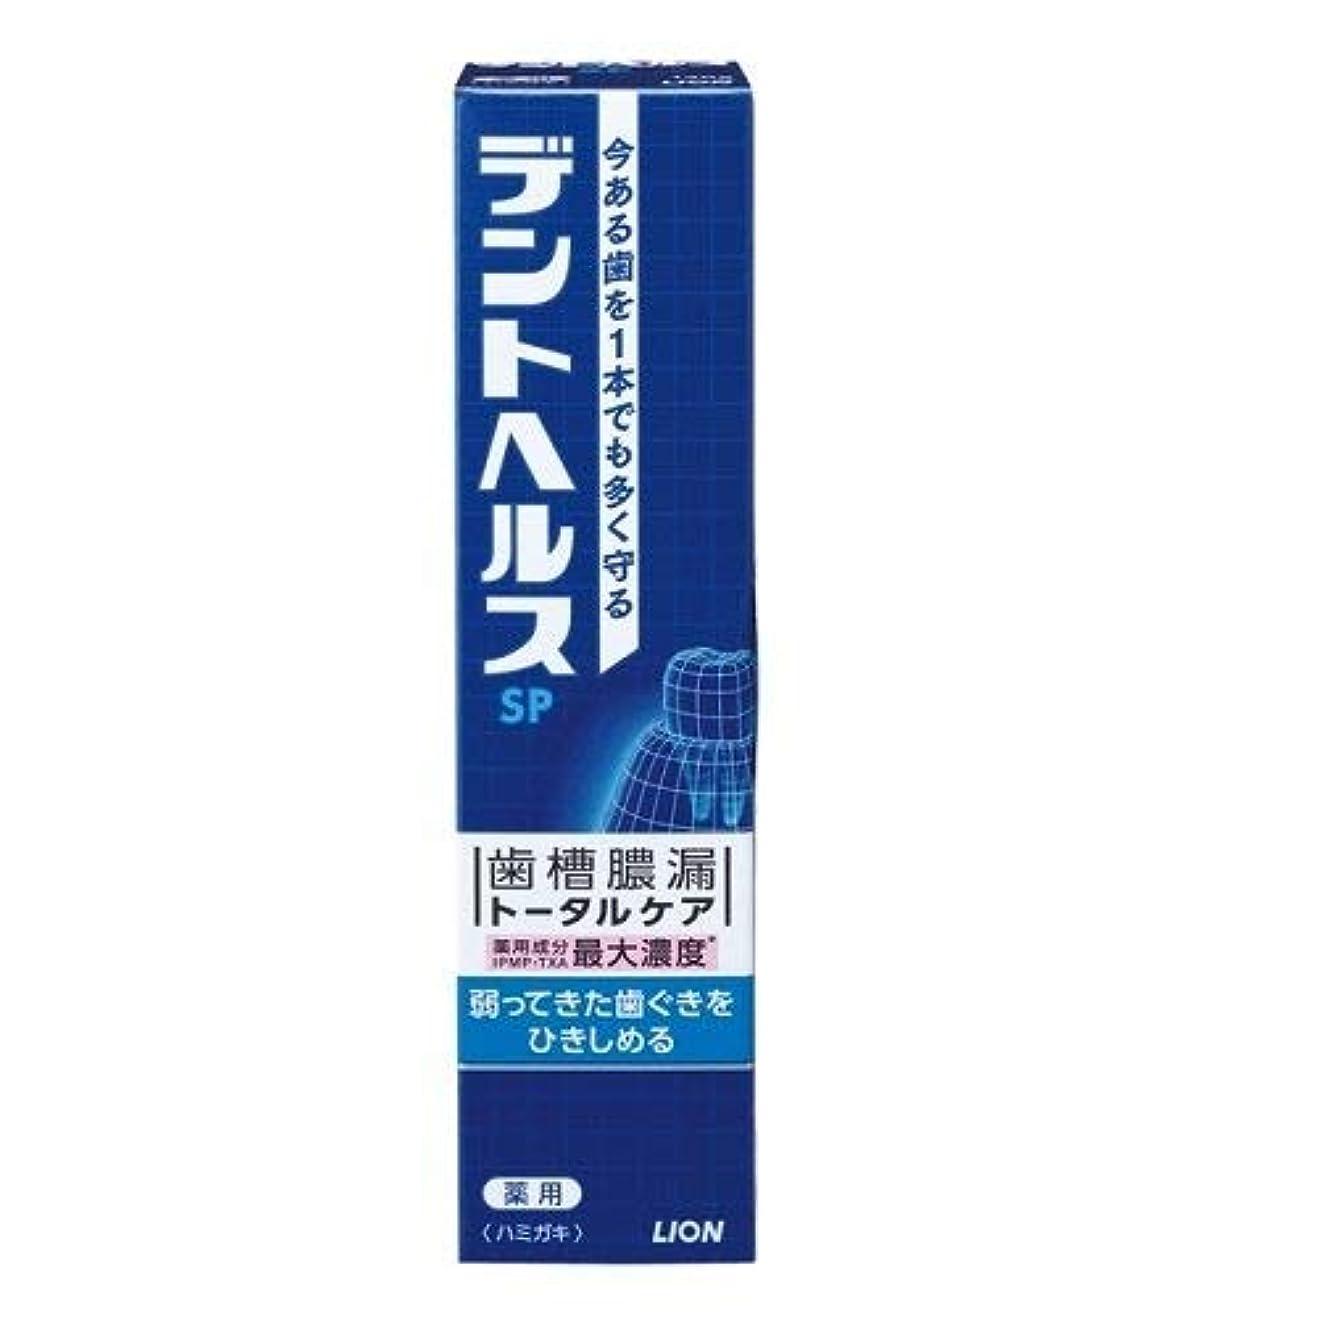 結婚独占出版ライオン デントヘルス 薬用ハミガキ SP 120g (医薬部外品)× 4